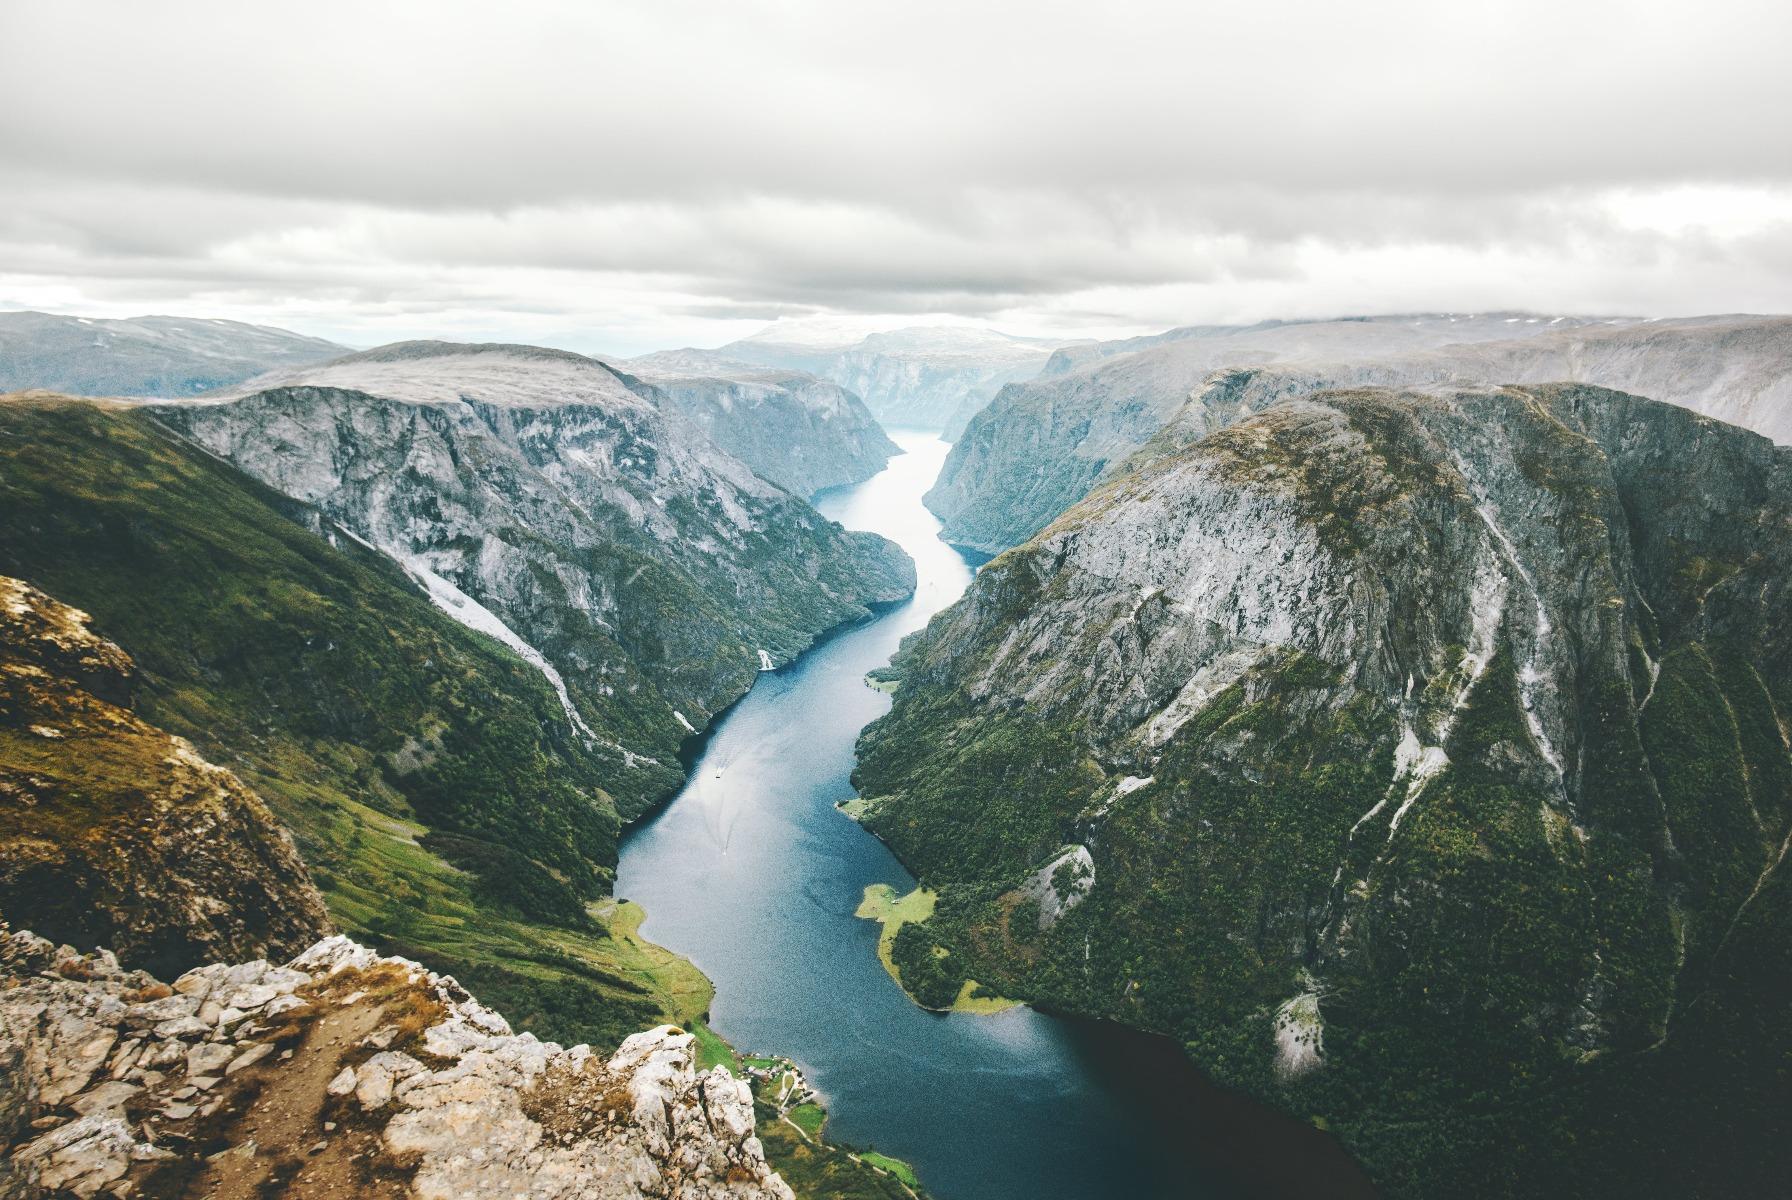 Das Bild zeigt eine skandinavische Landschaft.